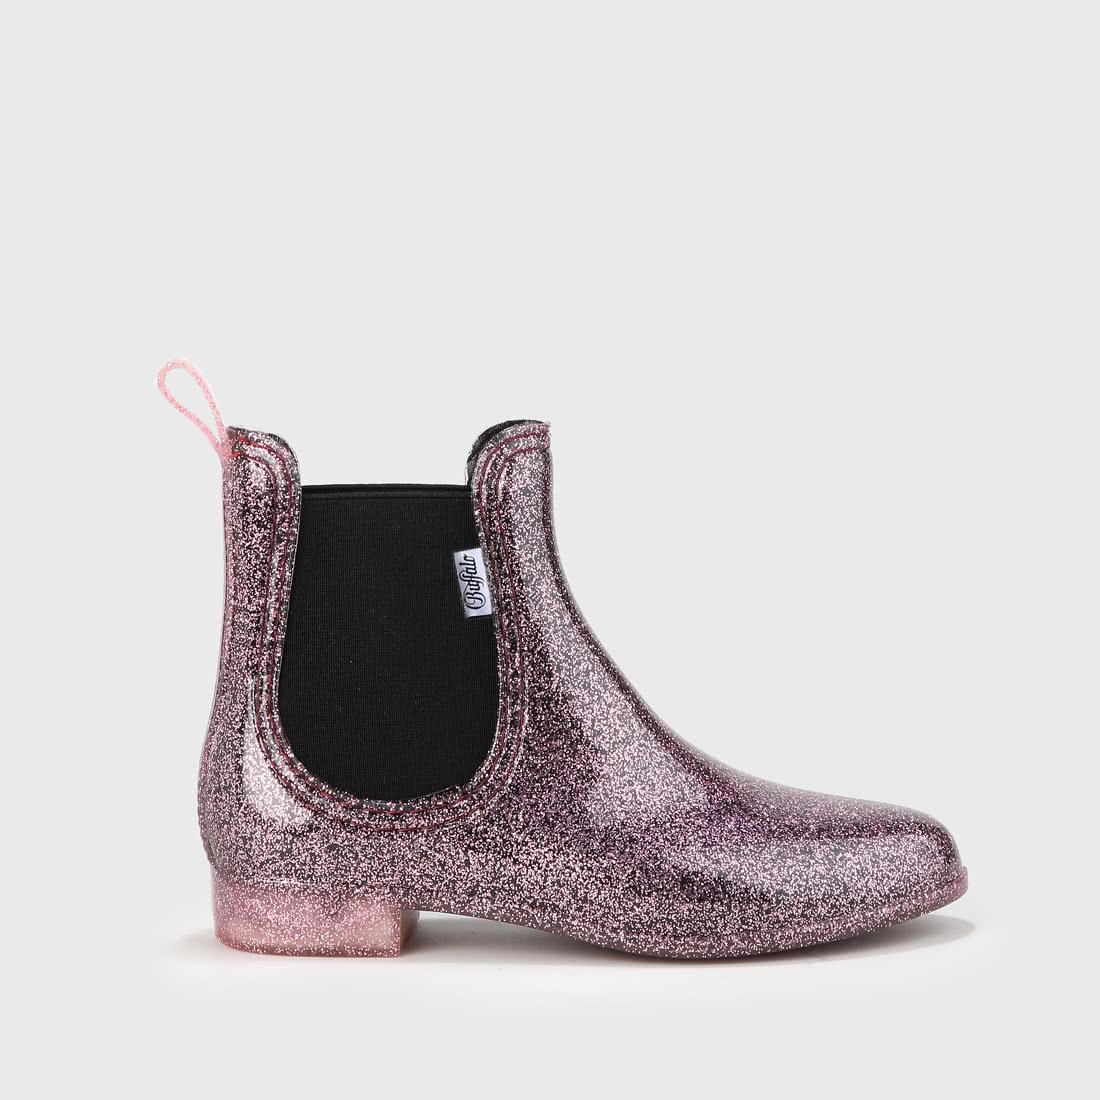 cheap for discount e0dfe 3ca0c Aline Chelsea Boot Gummistiefel mit Glitzer pink